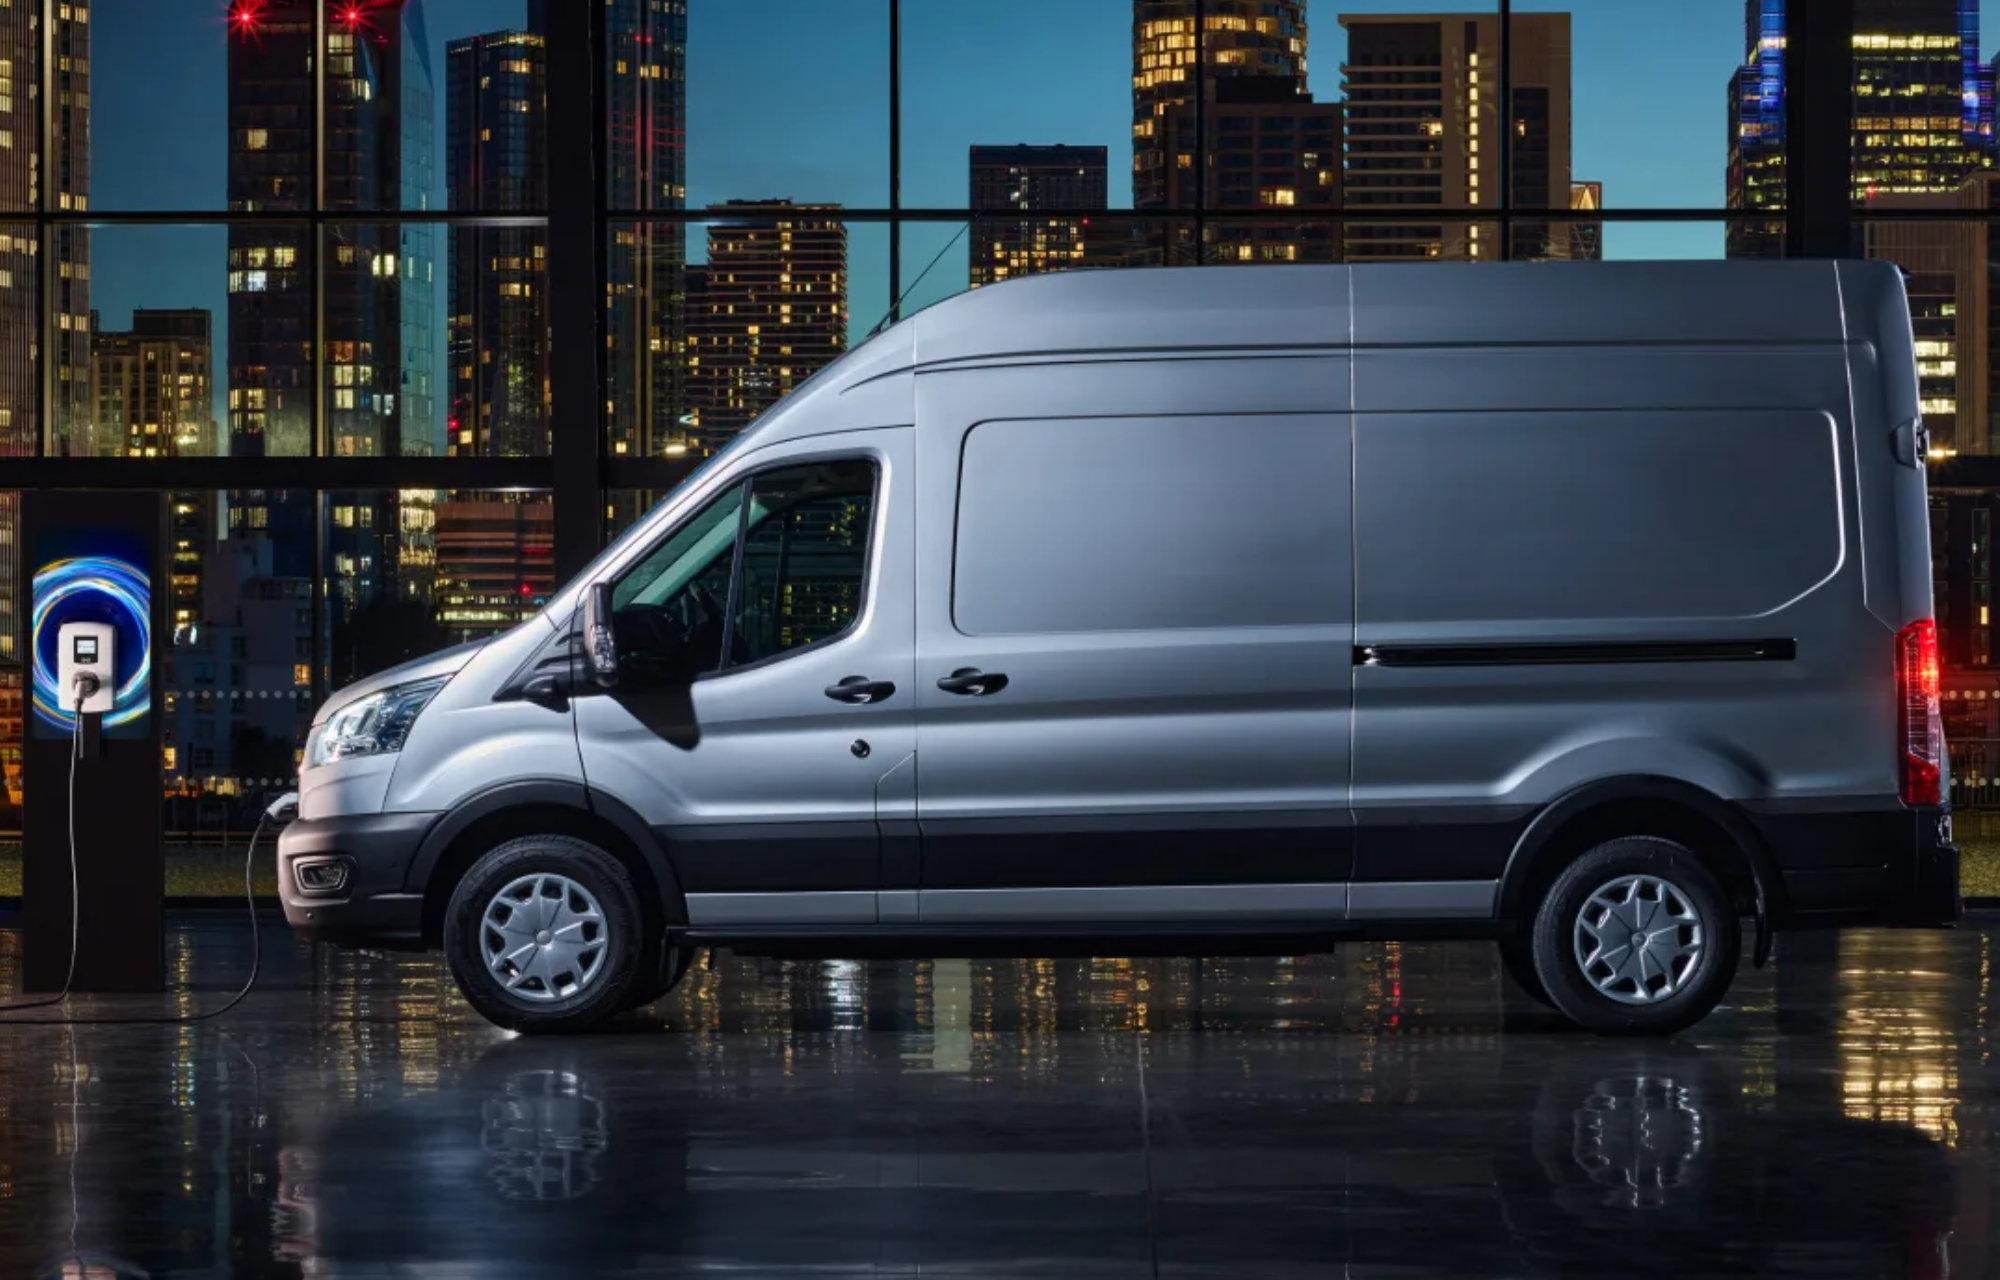 En ny æra for Fords varebiler